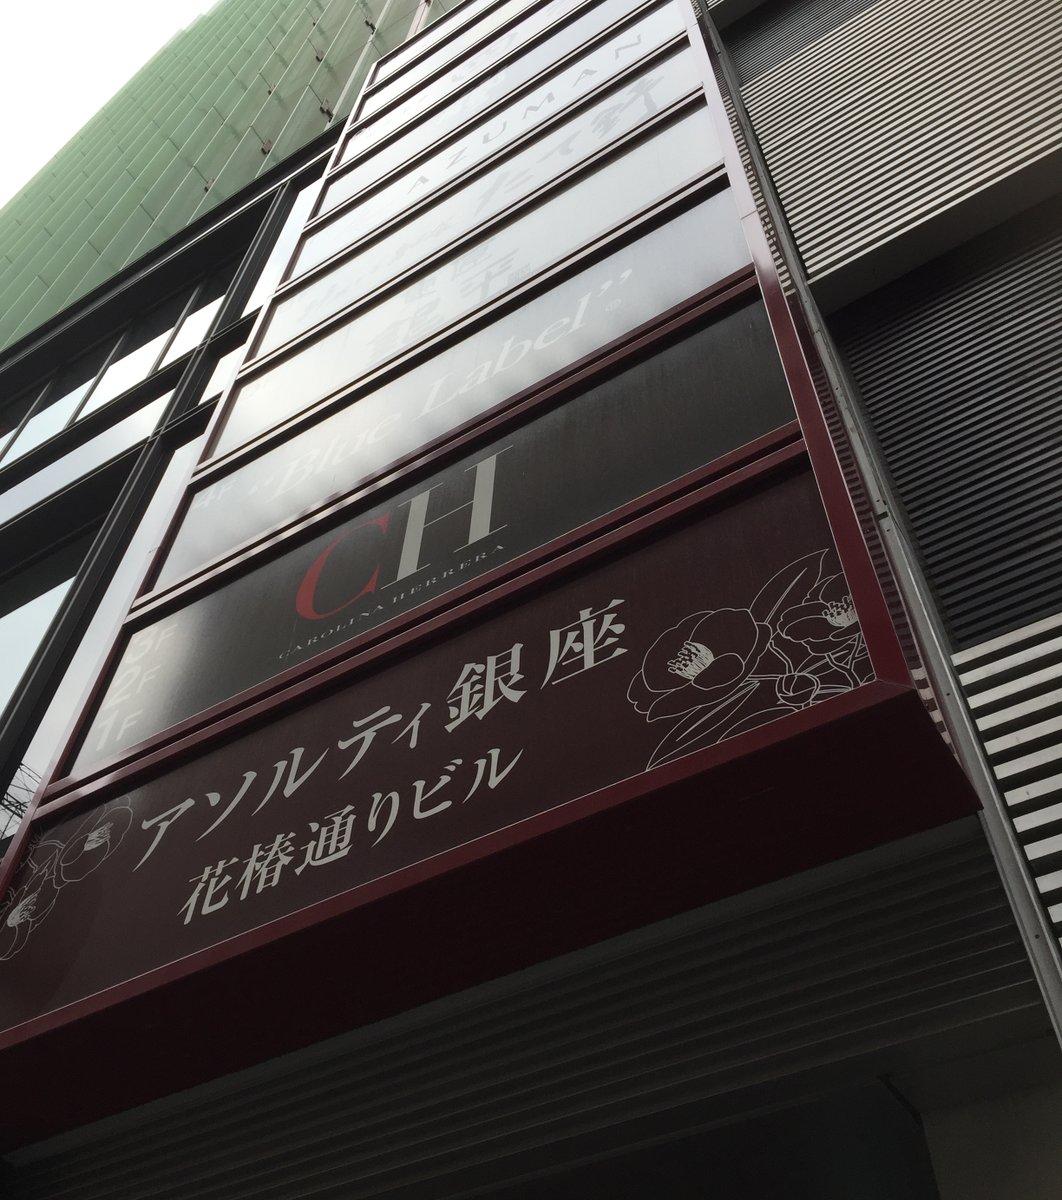 魚匠 銀平 銀座店